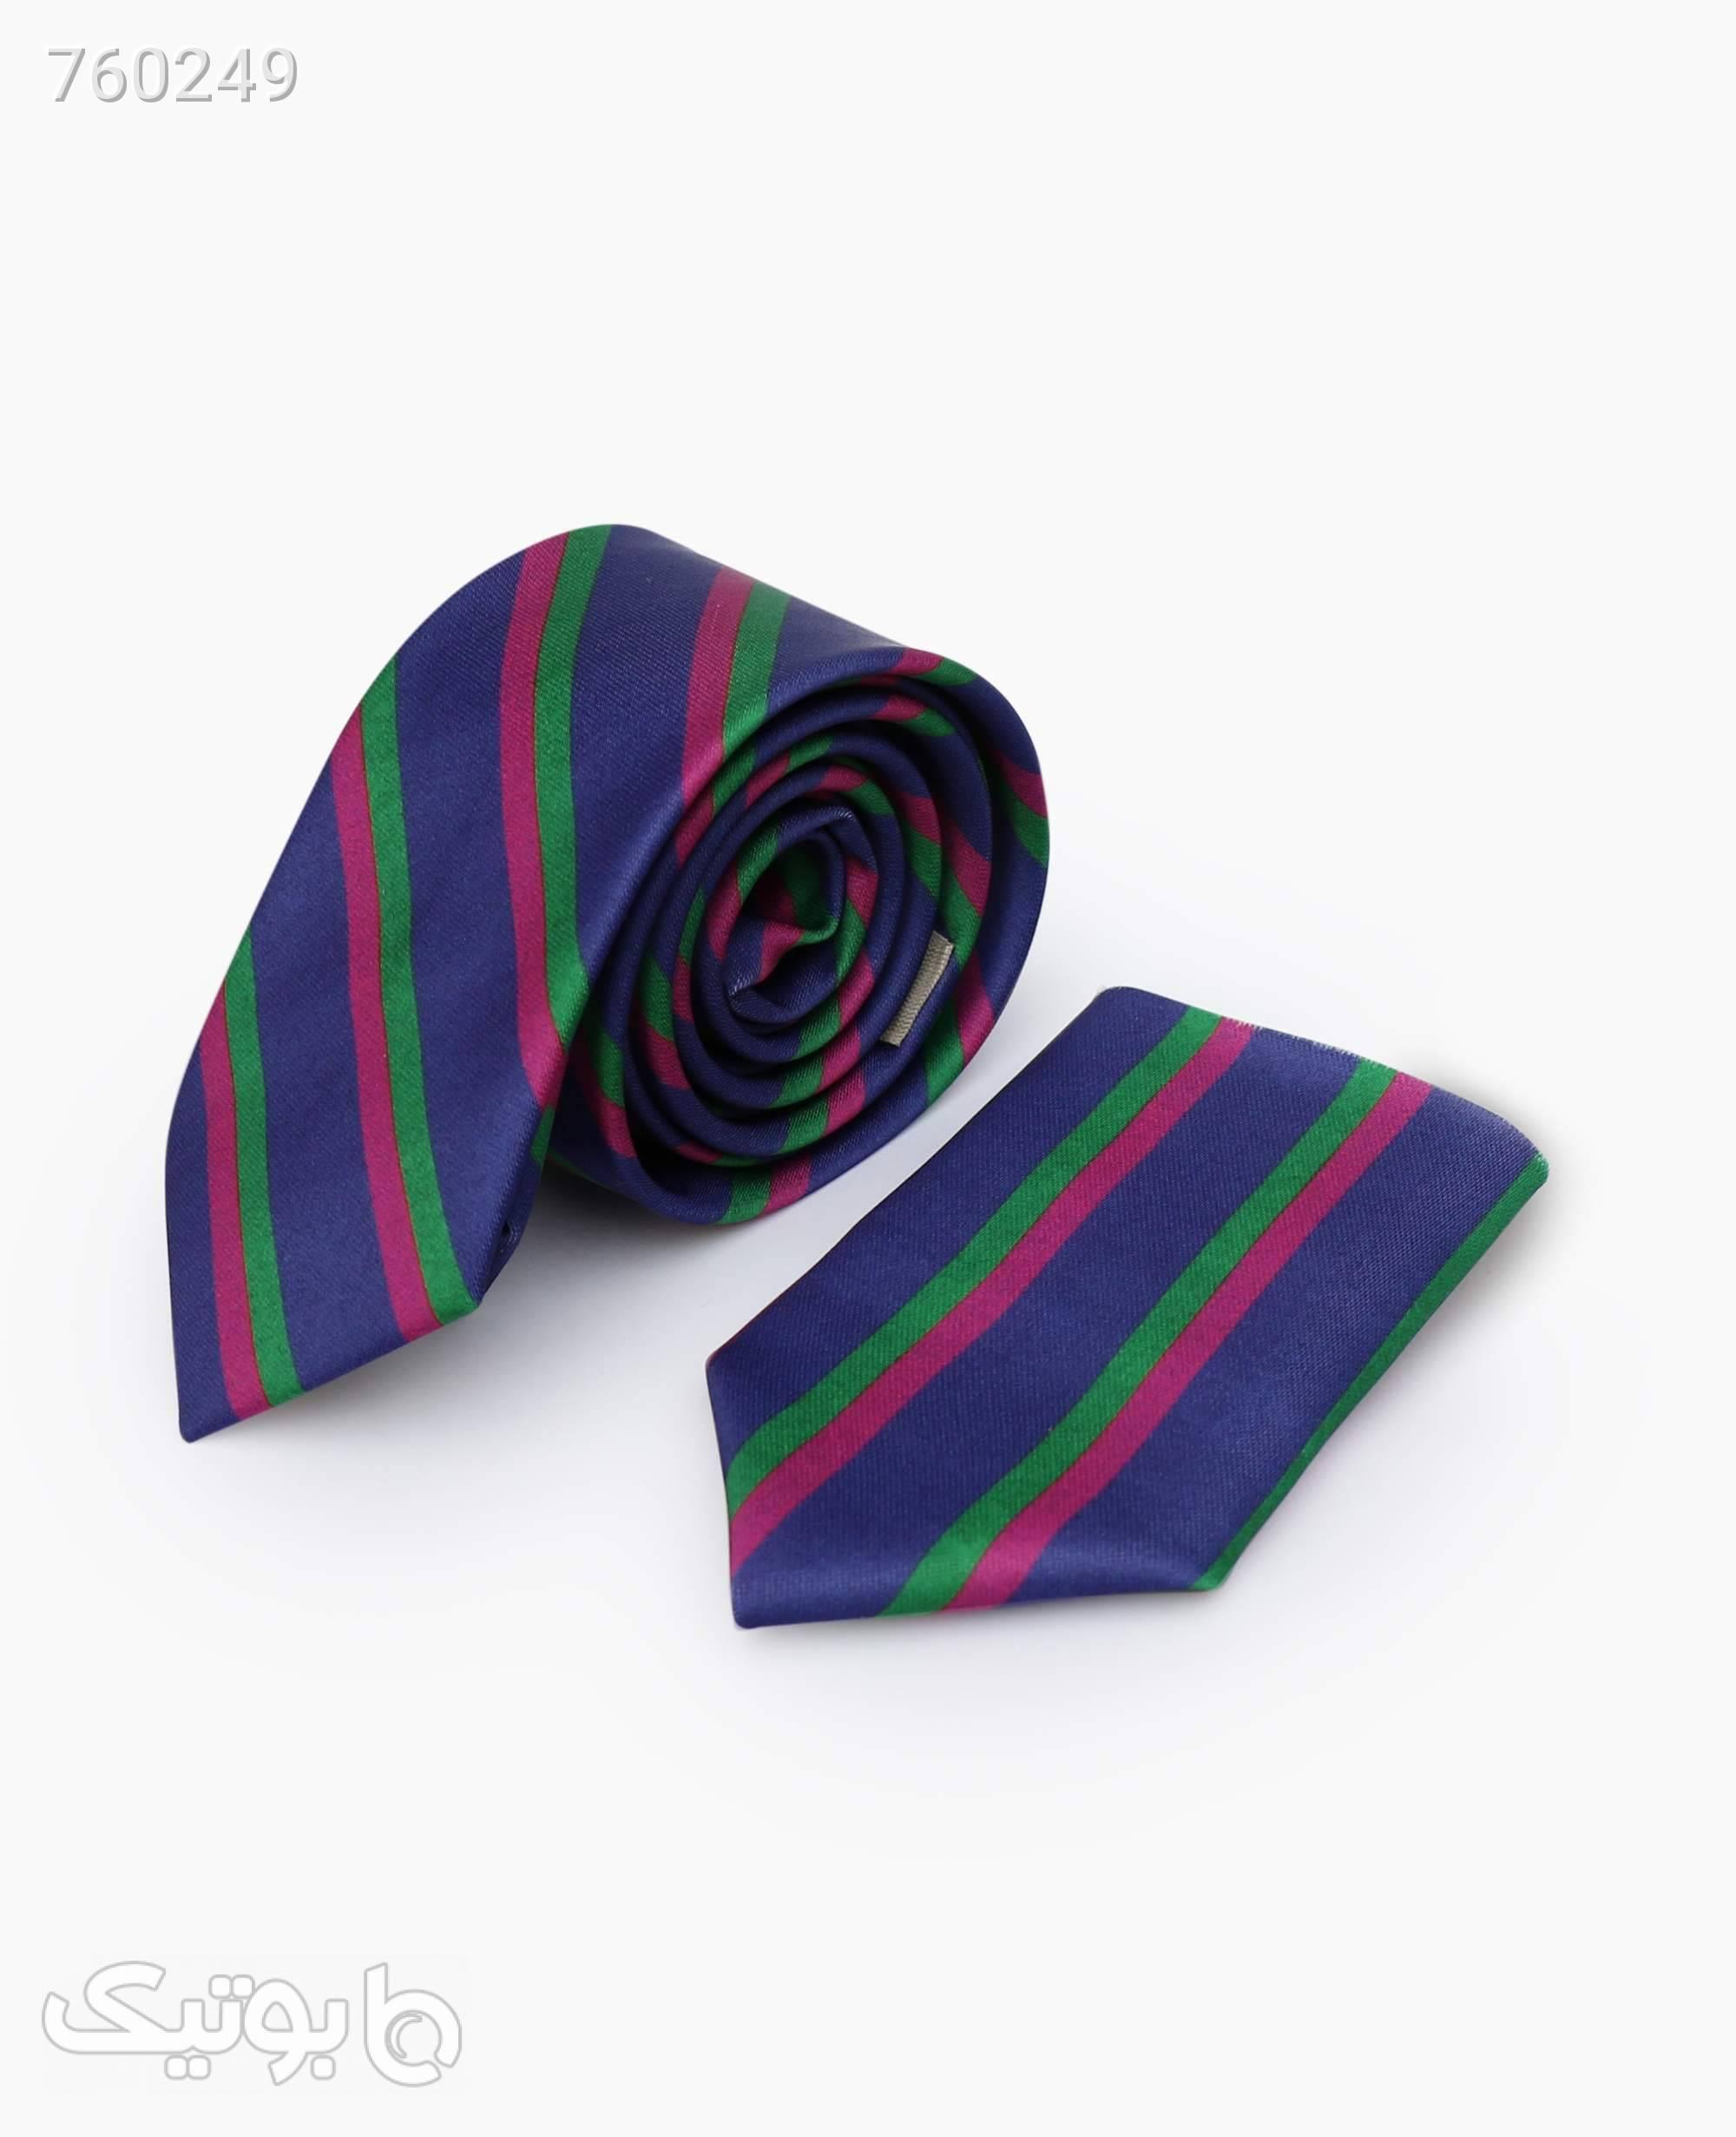 ست کراوات و پوشت طرح دار کد 5758DarkBlue سورمه ای كراوات و پاپيون